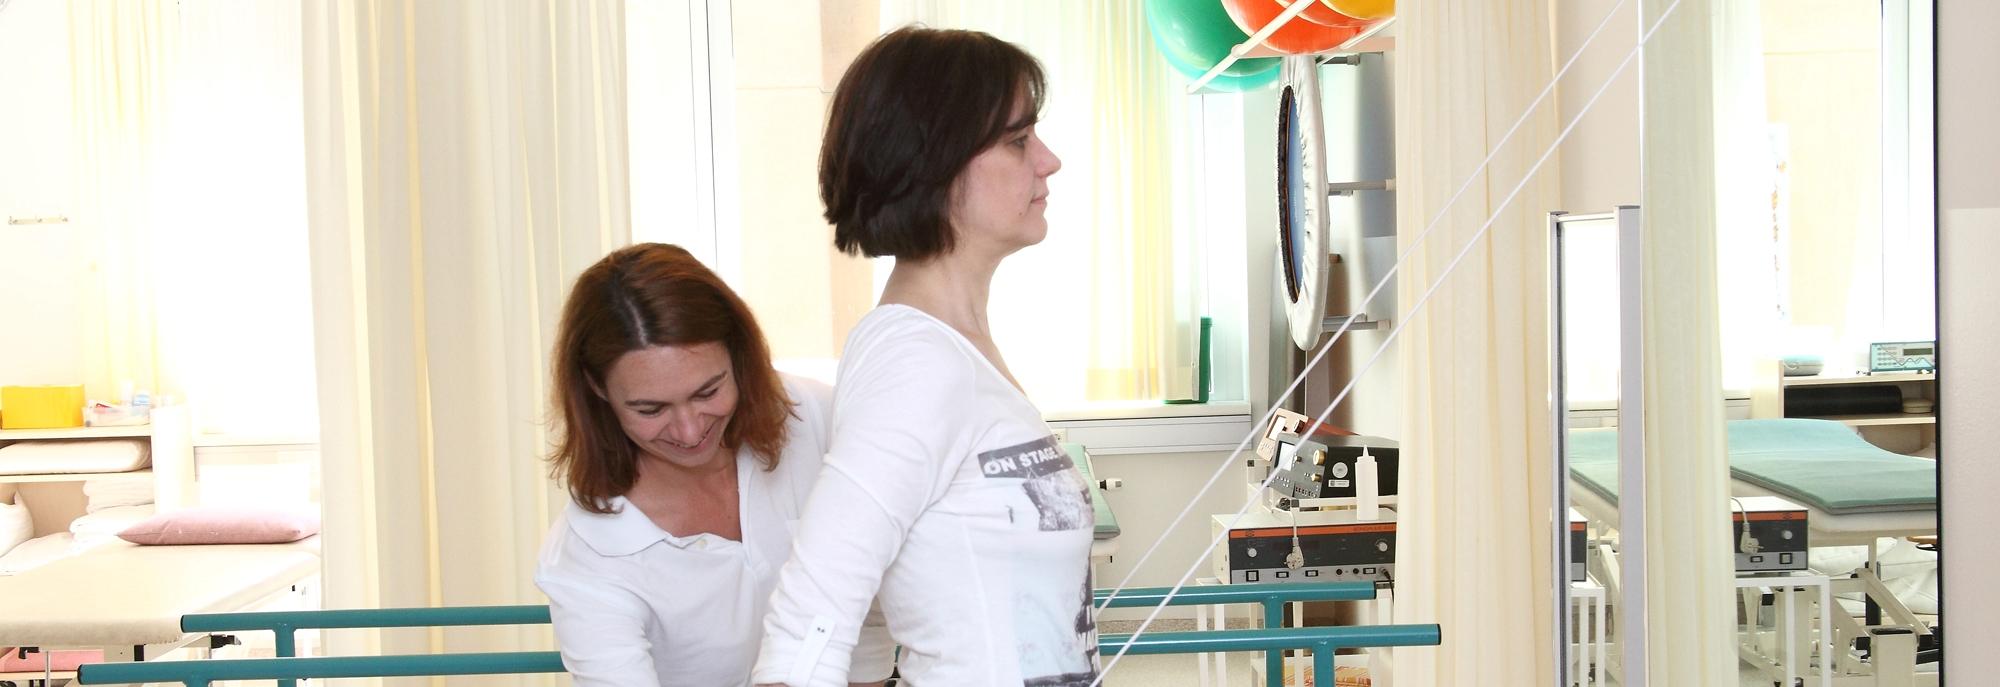 Fizioterapie pentru tratamentul artrozei manuale, Gonartroza: cum se manifesta si cum o tratam